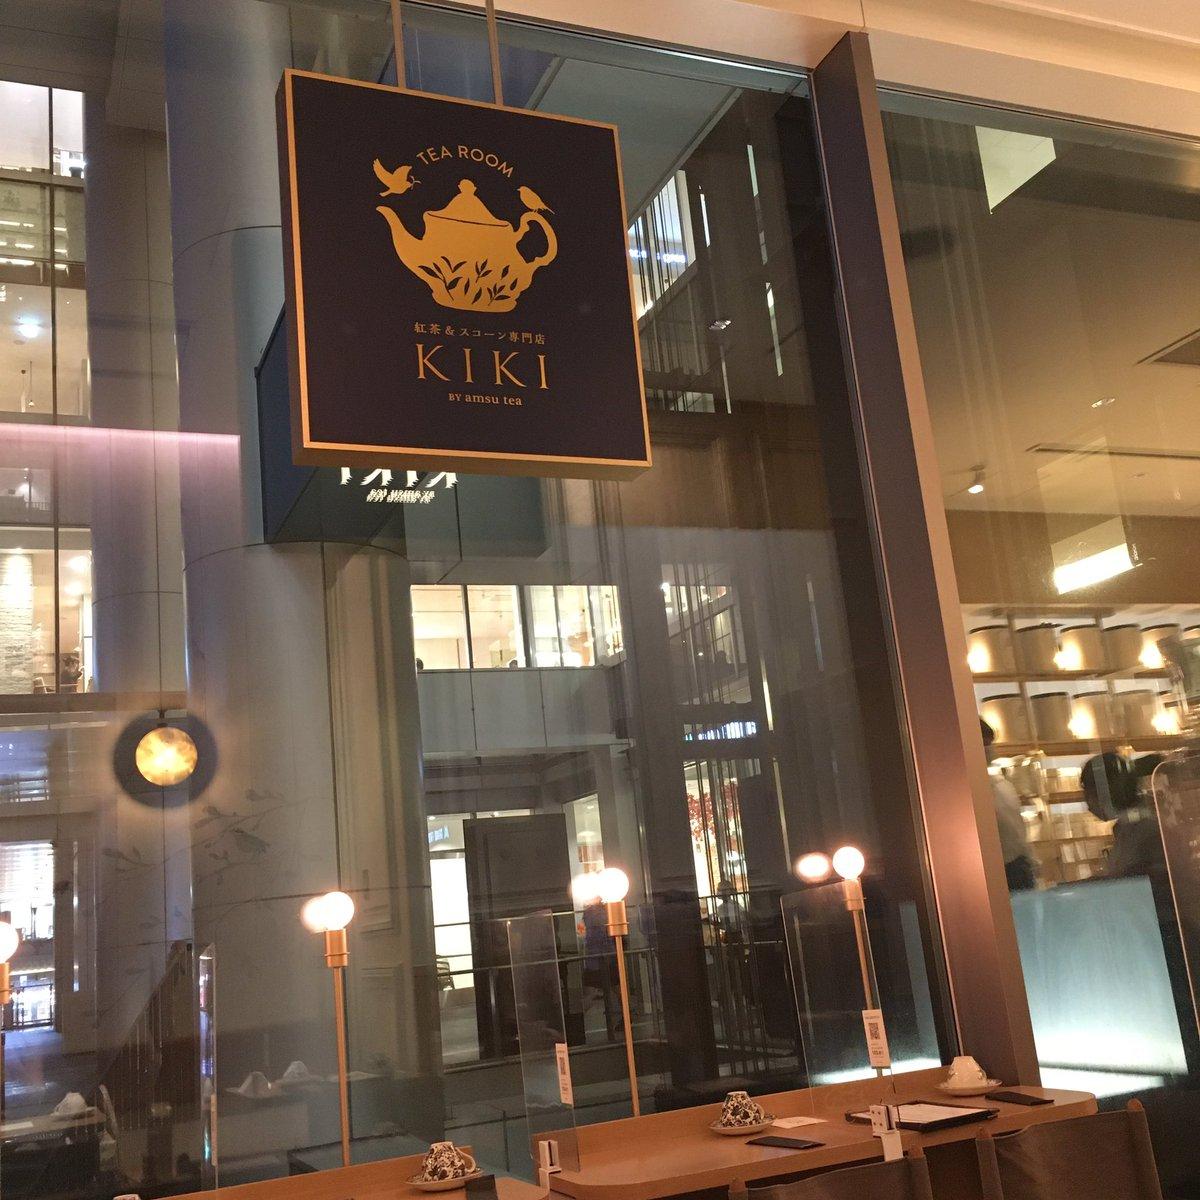 セットの紅茶が無くなったらメニューの中からランダムで新しいのを入れてもらえるわんこそばならぬ「わんこ紅茶」なお店に行って紅茶ごくごく飲んできた😋 グランフロントのTEAROOM KIKI